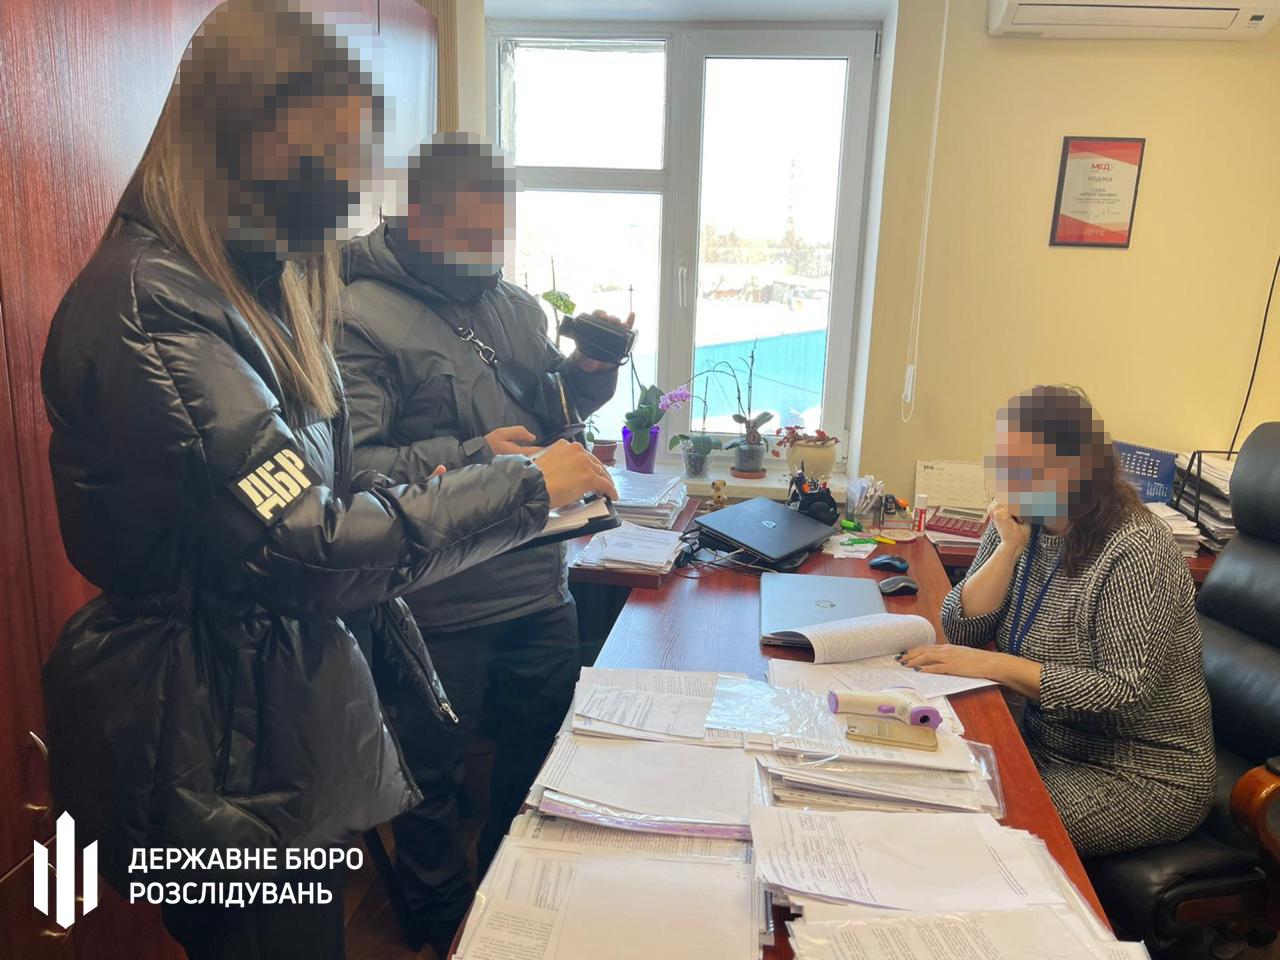 ГБР подозревает чиновников Минобороны в закупке непригодных аппаратов ИВЛ на 11 млн грн